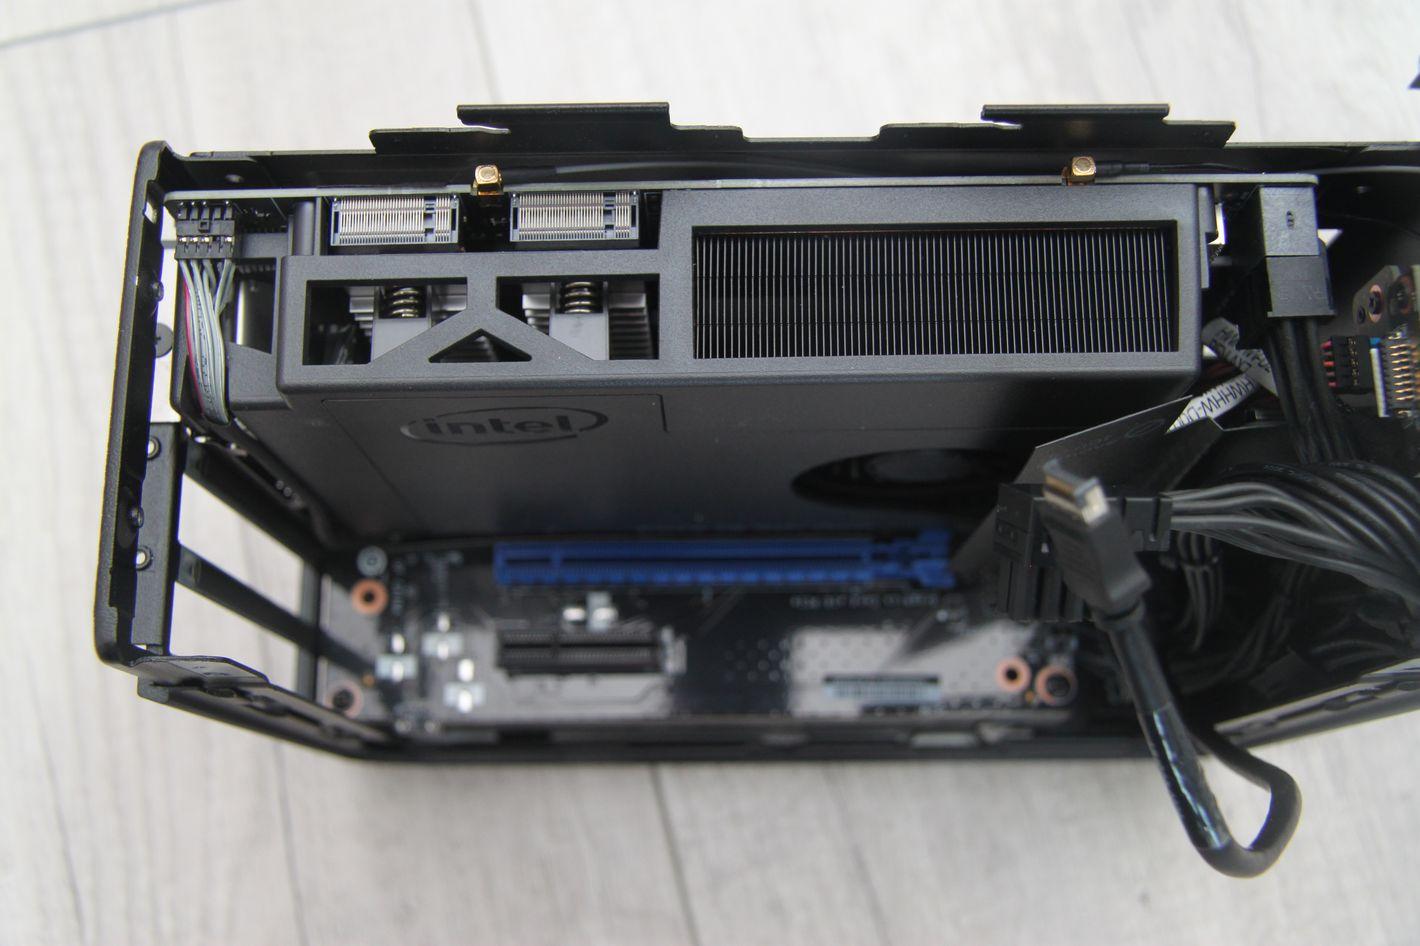 Intel NUC 9 Extreme widok z góry na płytę główną